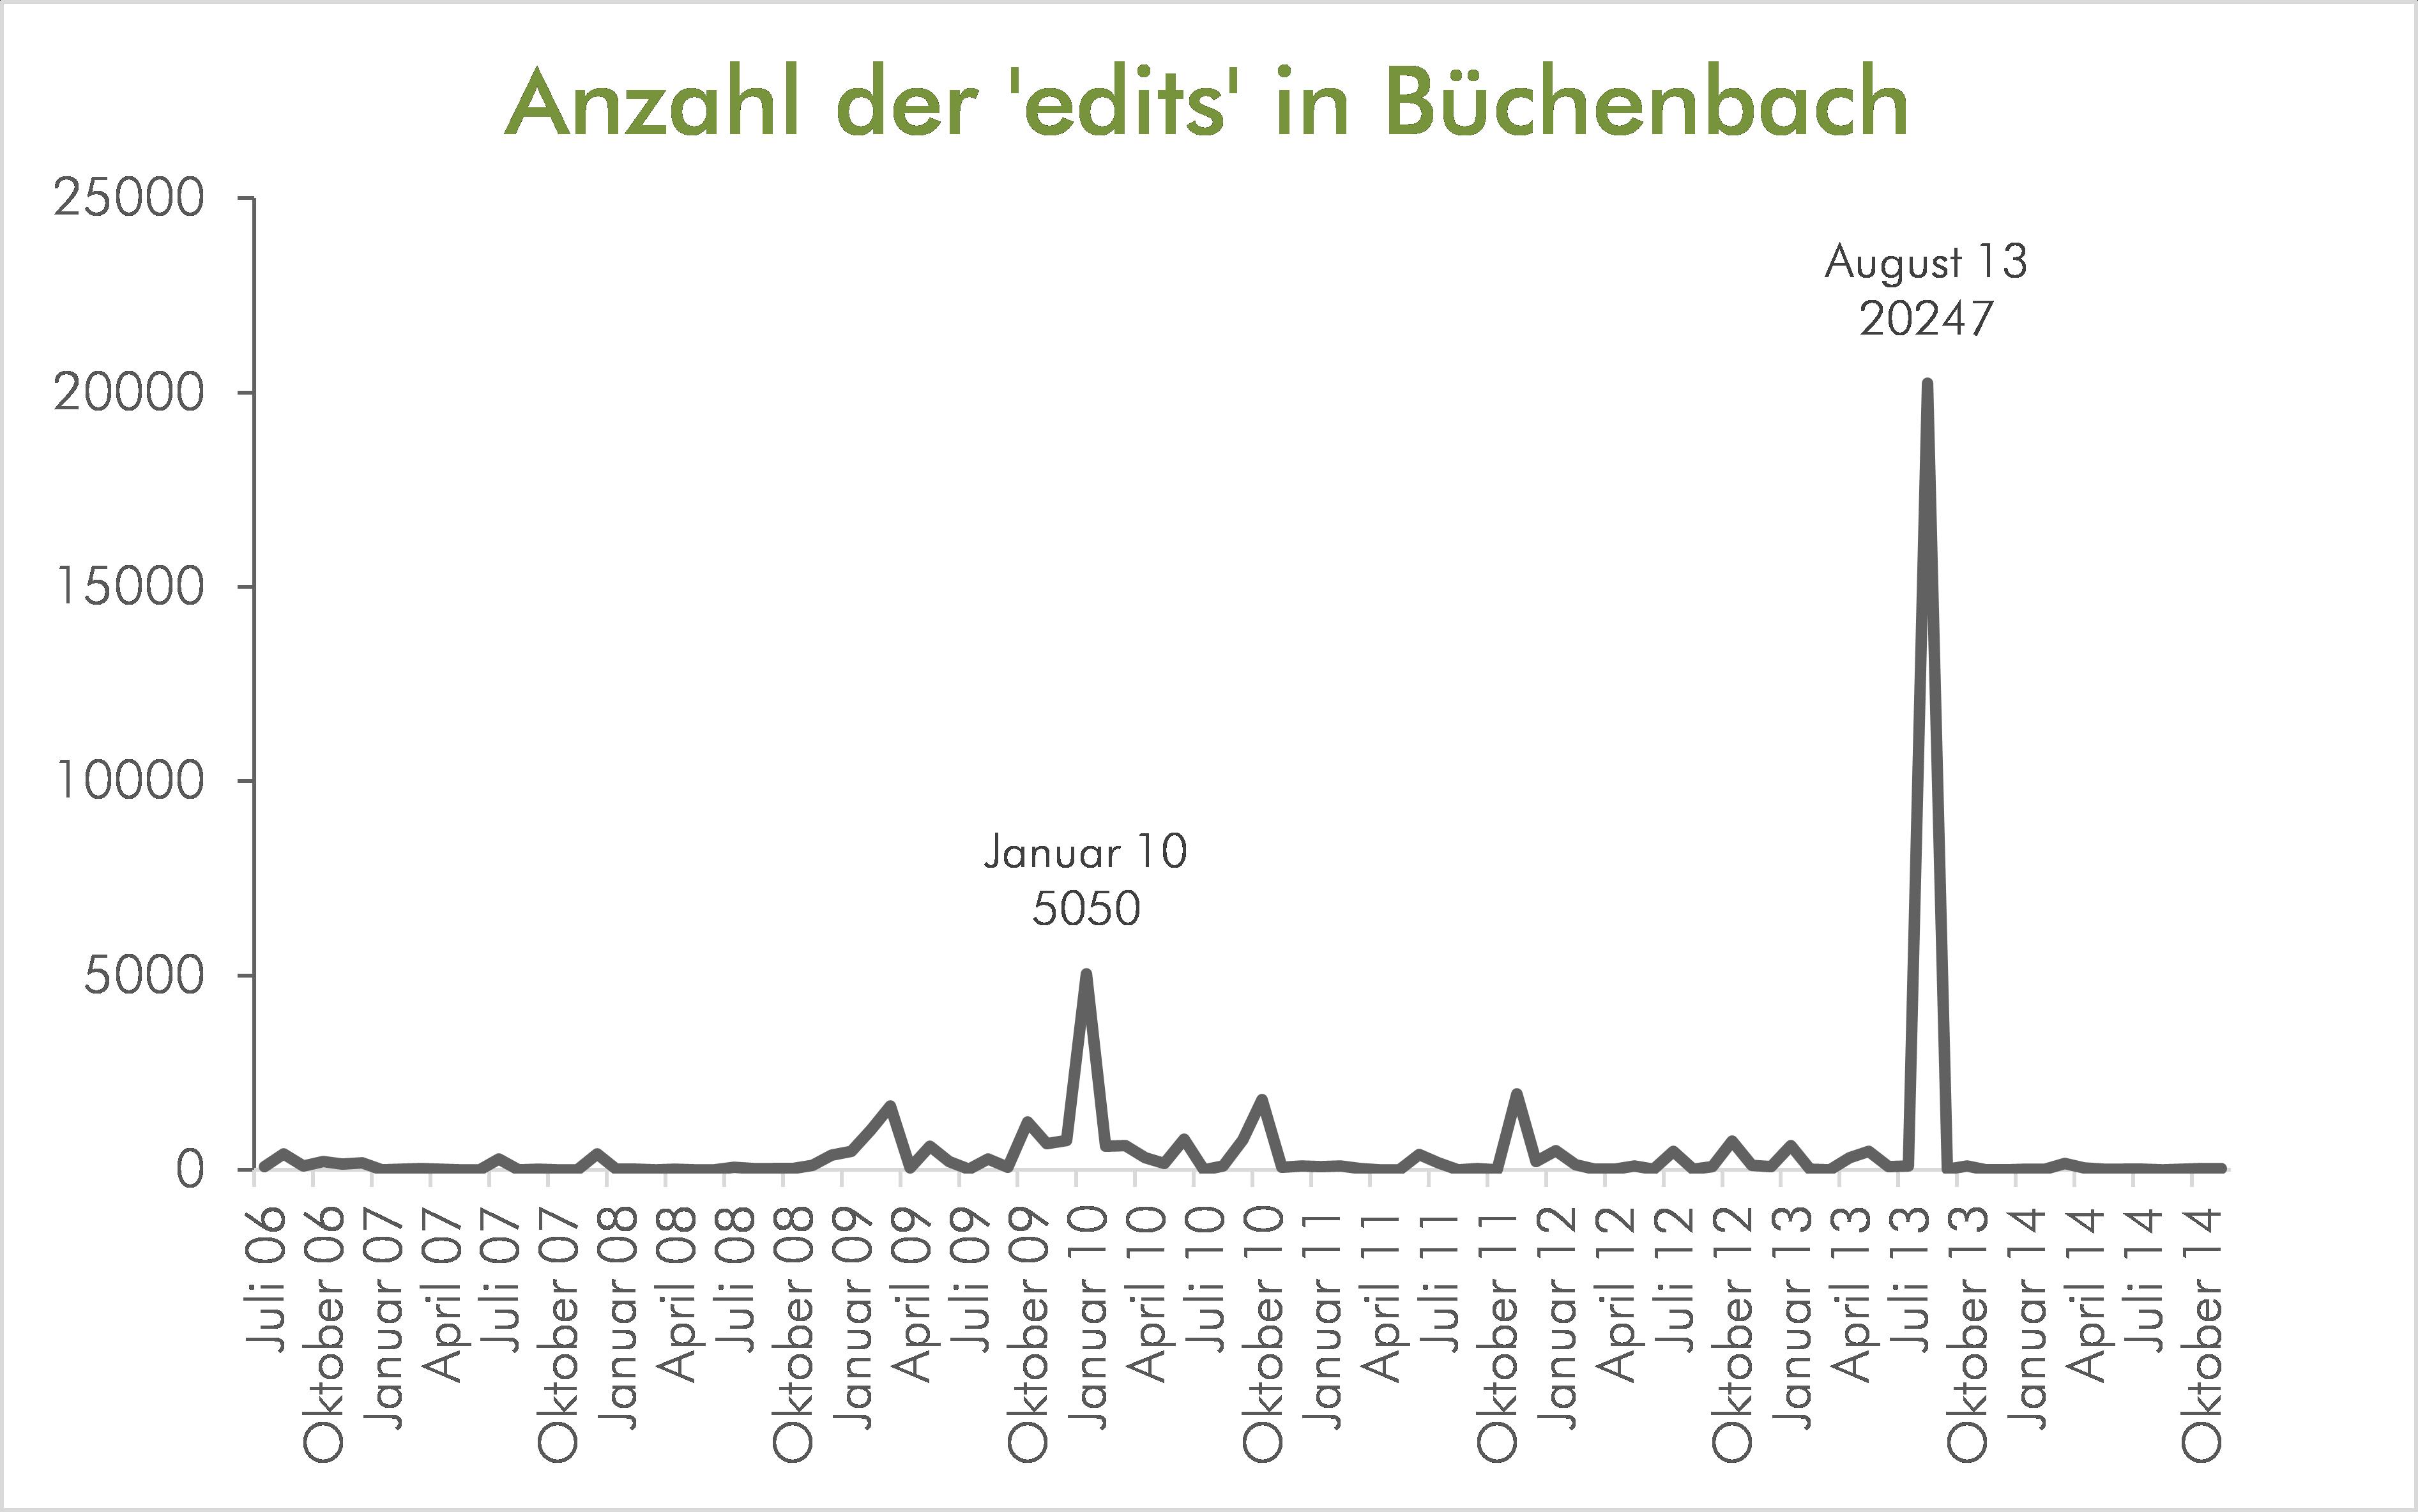 Anzahl der edits in Büchenbach